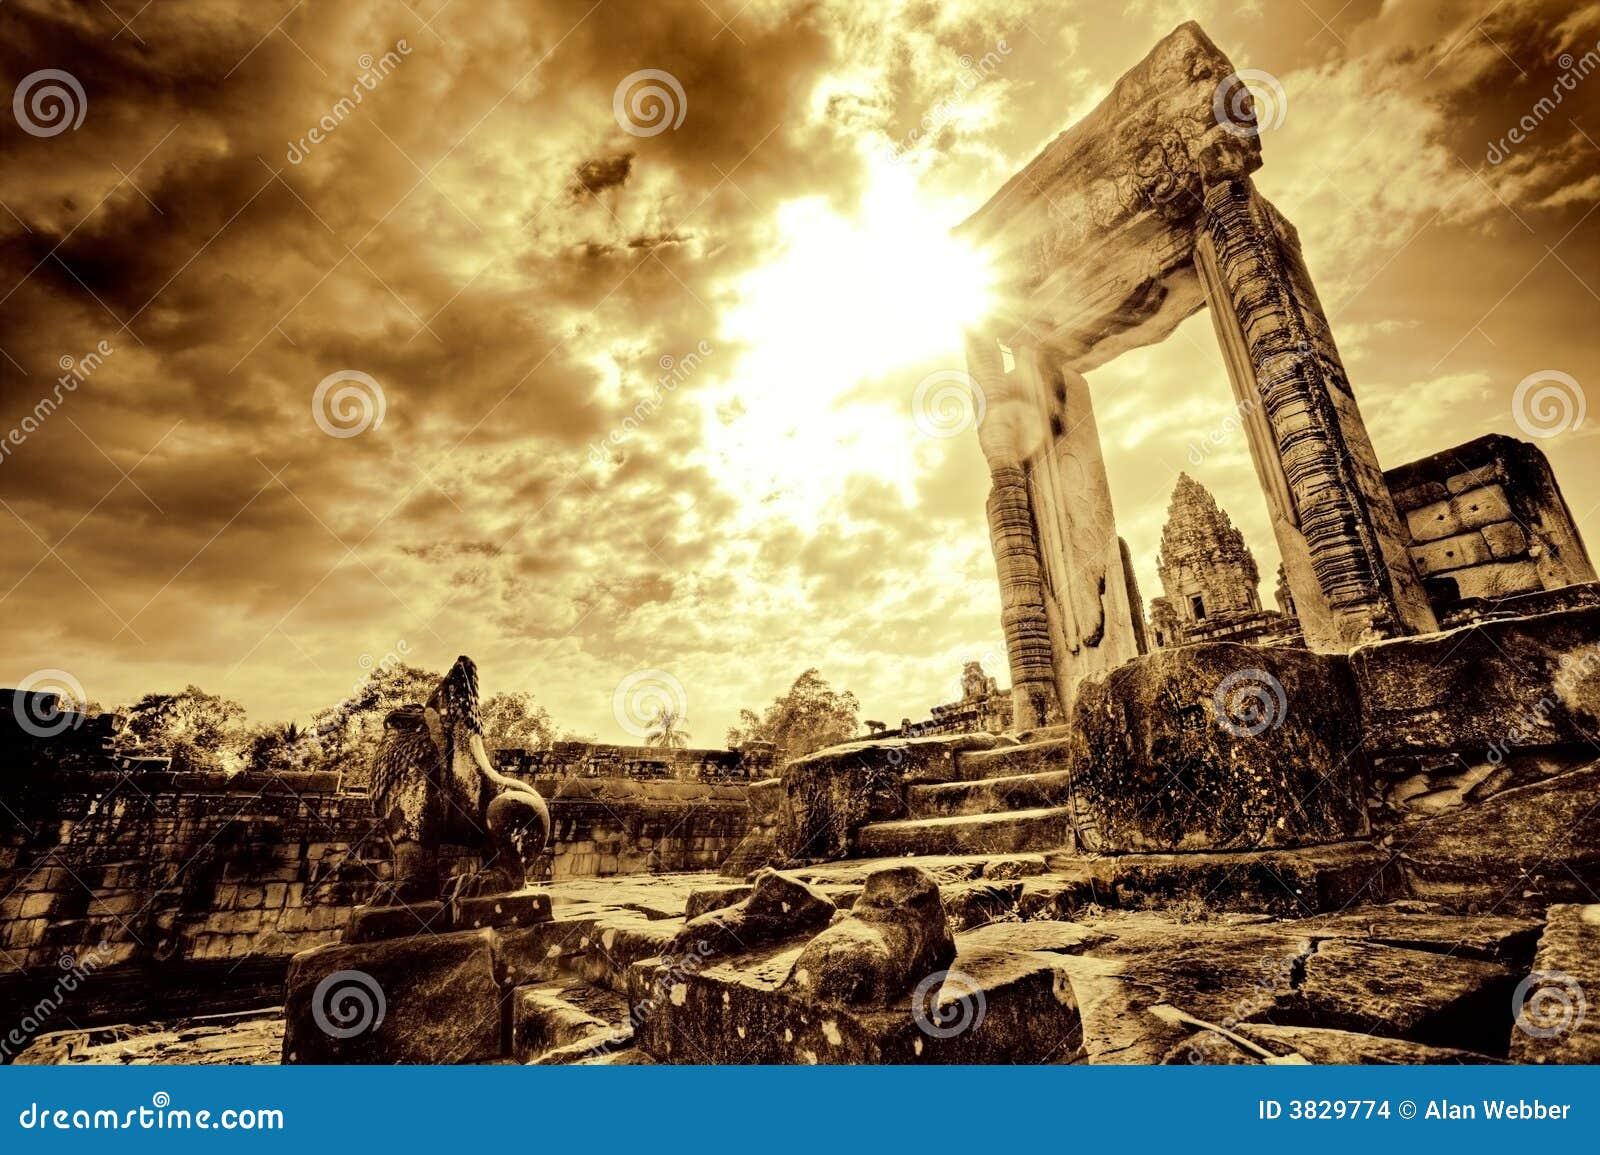 Evénement Hors Série #1 : Escapade à Samothrace Porte-dans-la-ruine-de-temple-3829774